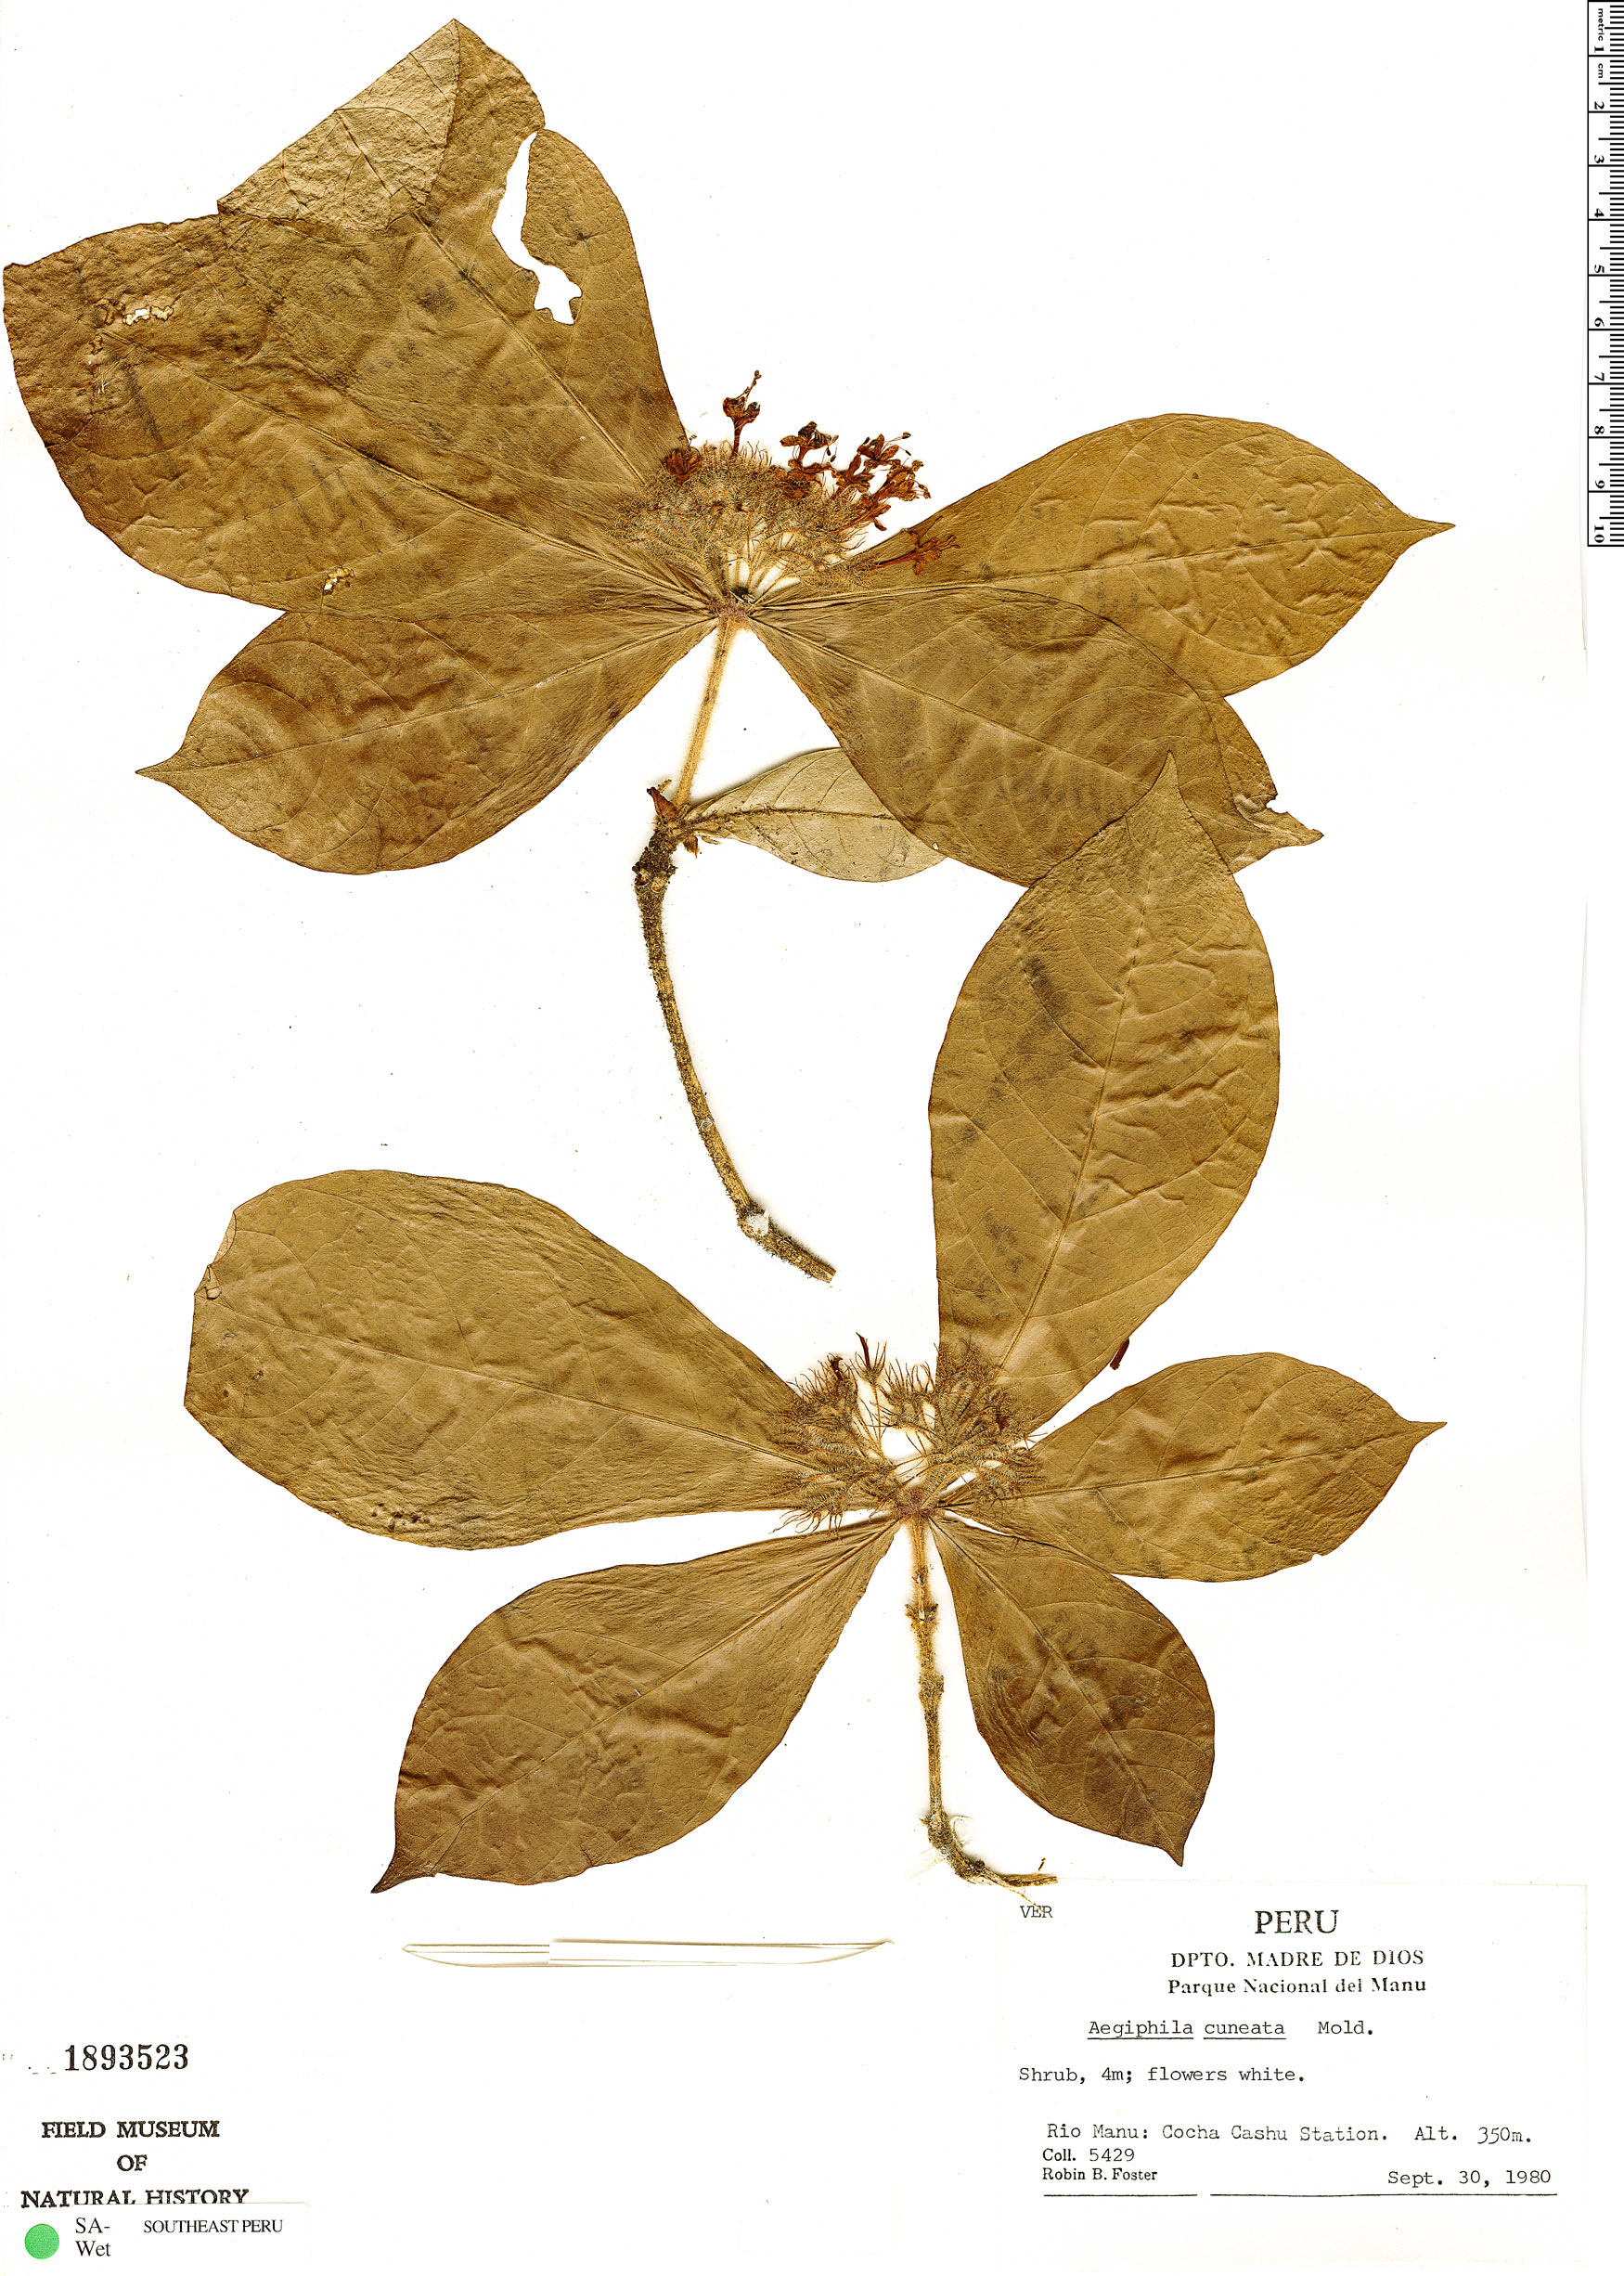 Specimen: Aegiphila cuneata